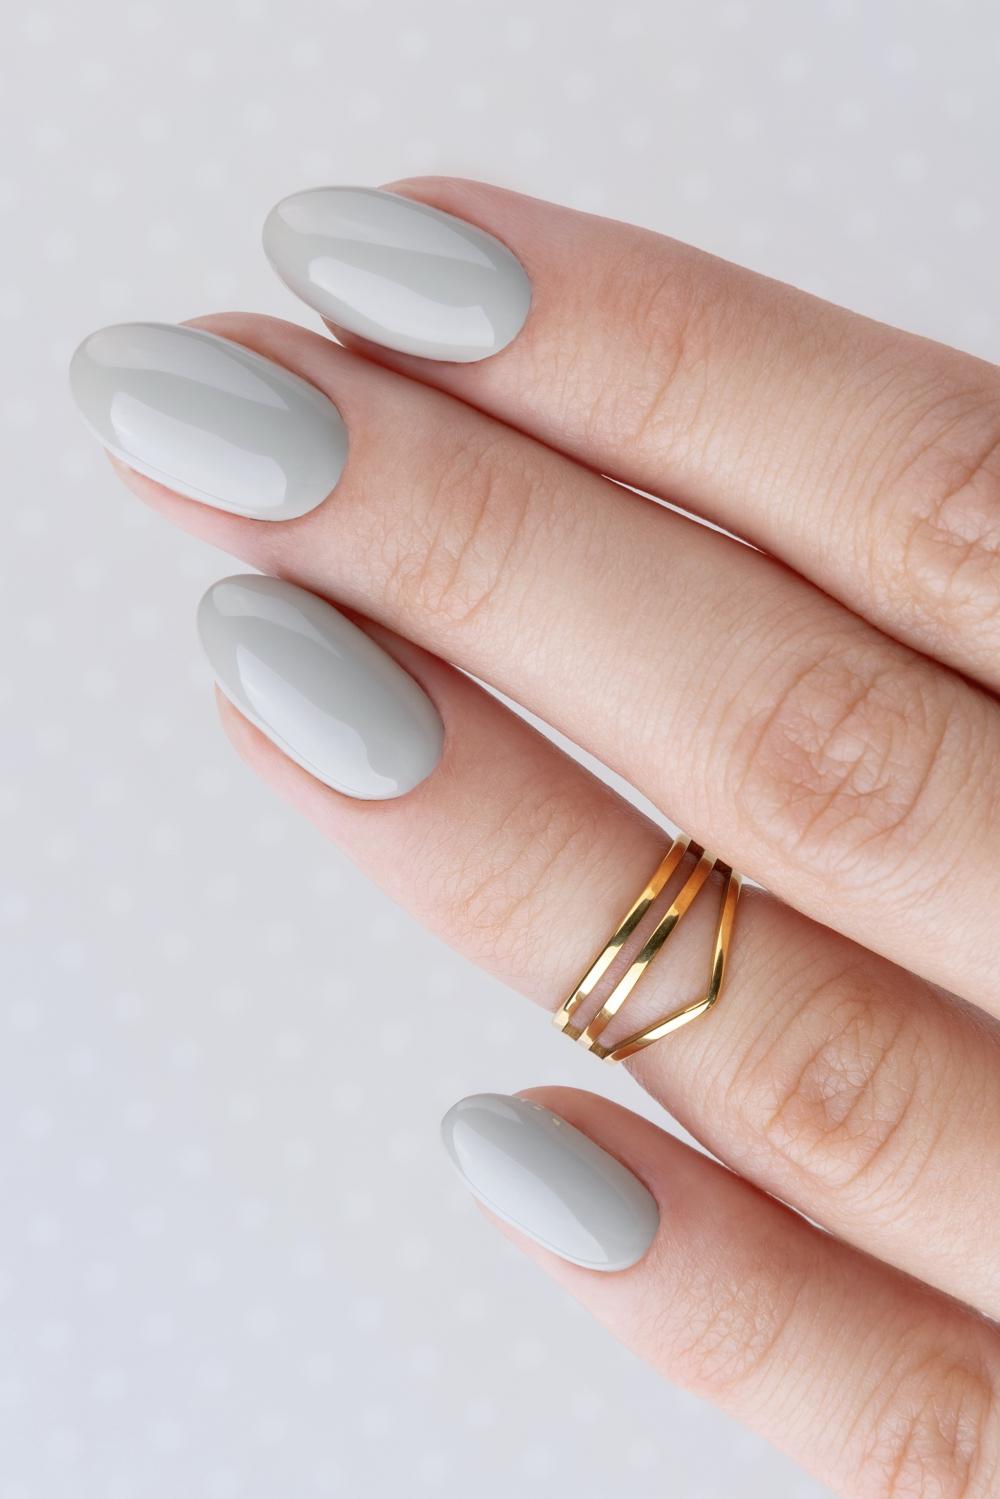 【フィルイン施術】爪に優しいパラジェルを使用しています【サンディング不要】